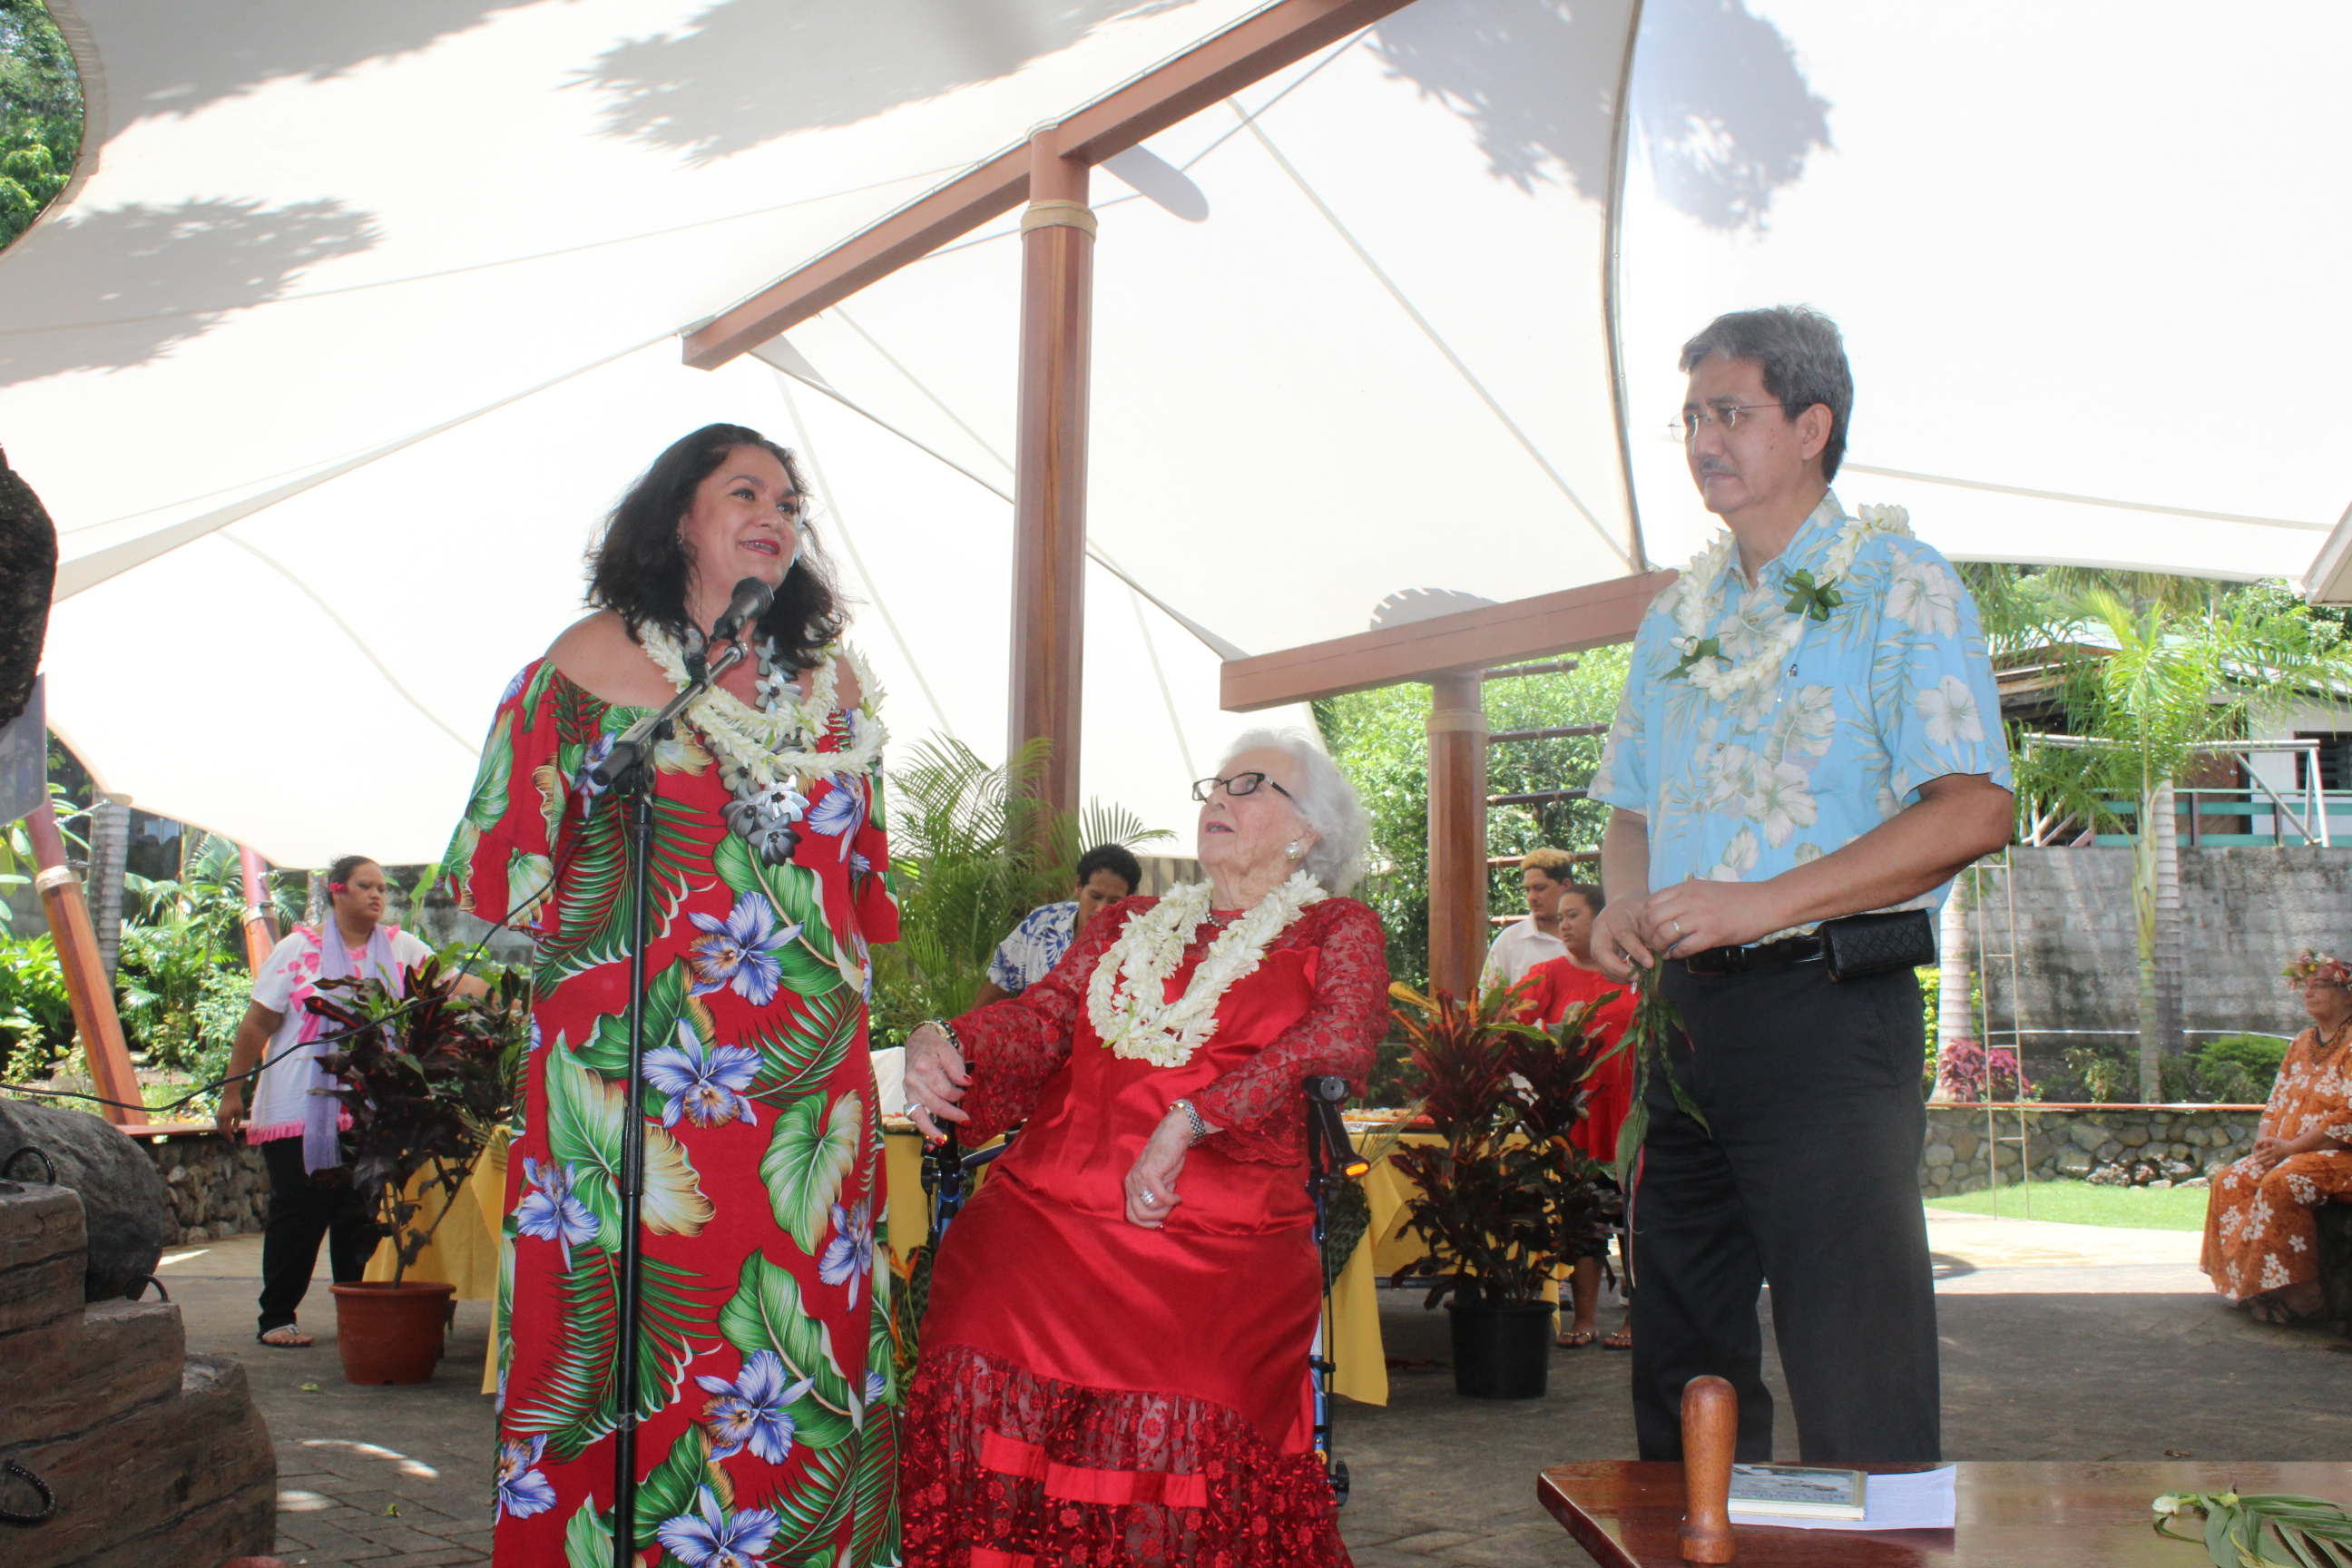 Nicole Bouteau, Nancy Hall-Rutgers et Philip Schyle sur la terrasse symbolisant la Bounty.